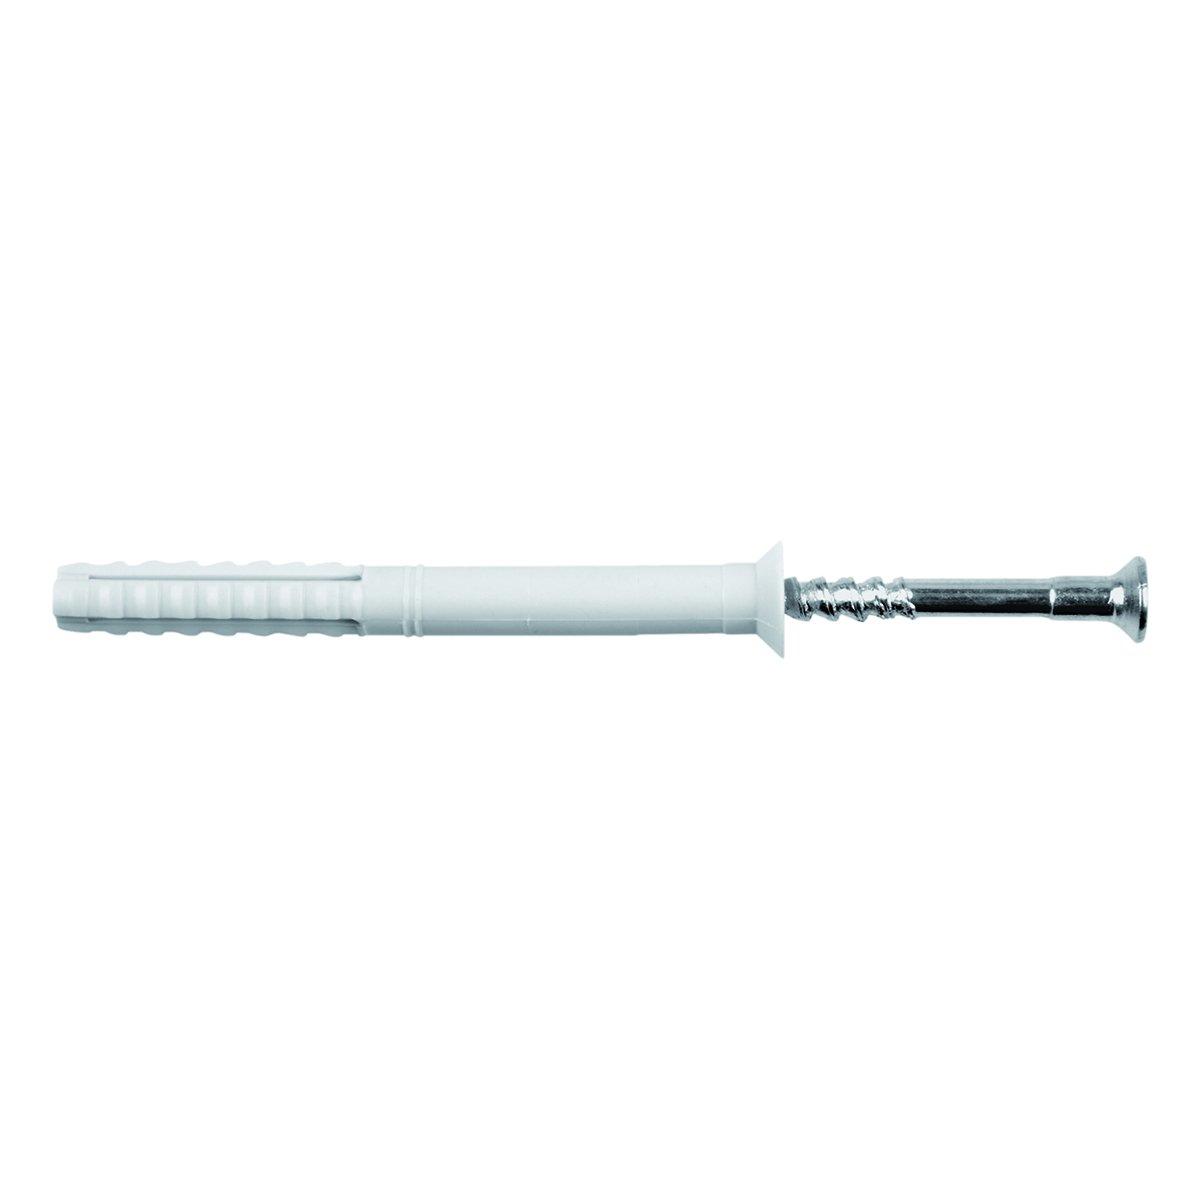 TOX 017102281 - Tasselli multiuso Attack, 8 x 140 mm, 50 tasselli e 50 viti